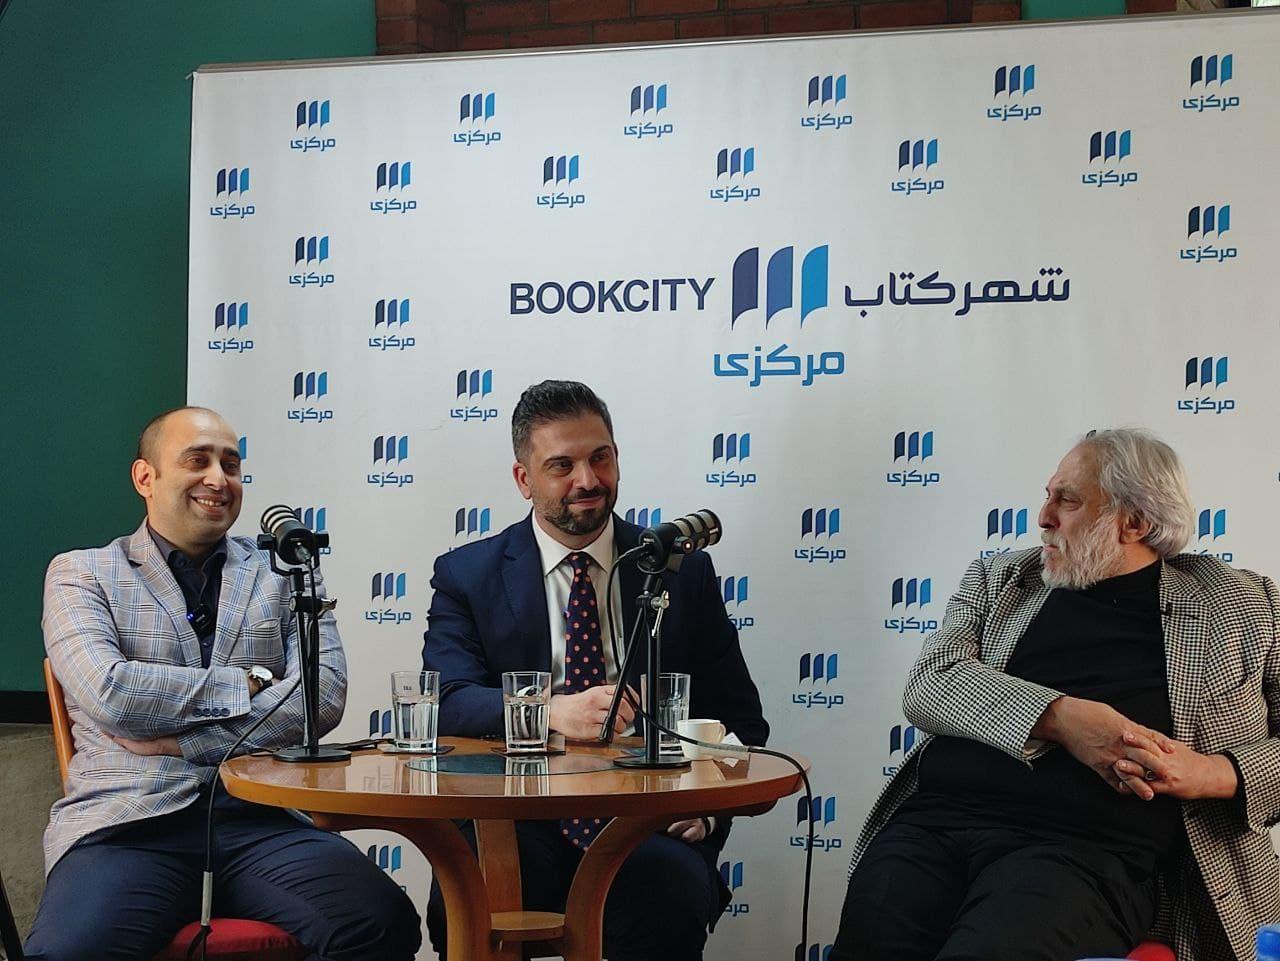 مدیرعامل شنوتو از سرمایهگذاری «شهر کتاب» در این استارتاپ خبر داد؛ بزودی فعالیت در ابعاد جهانی